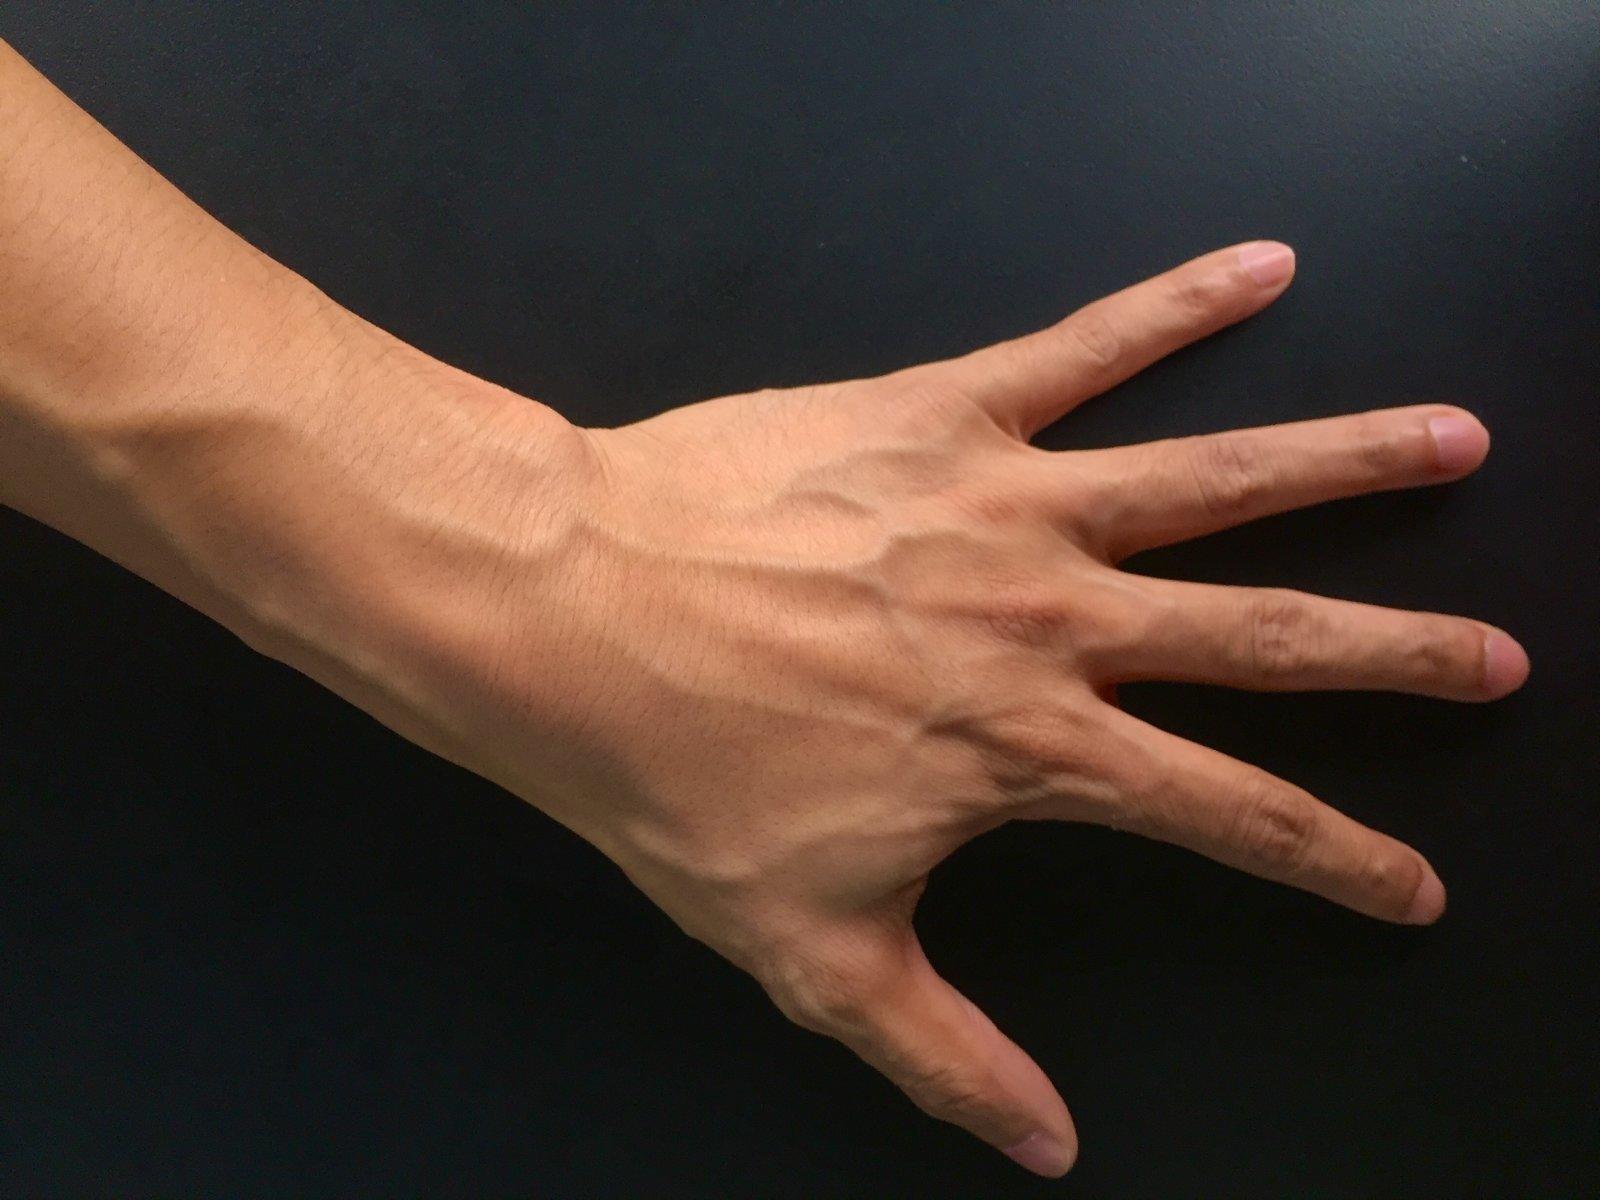 Восковая модель ладони обманула систему распознавания личности побиометрическим данным